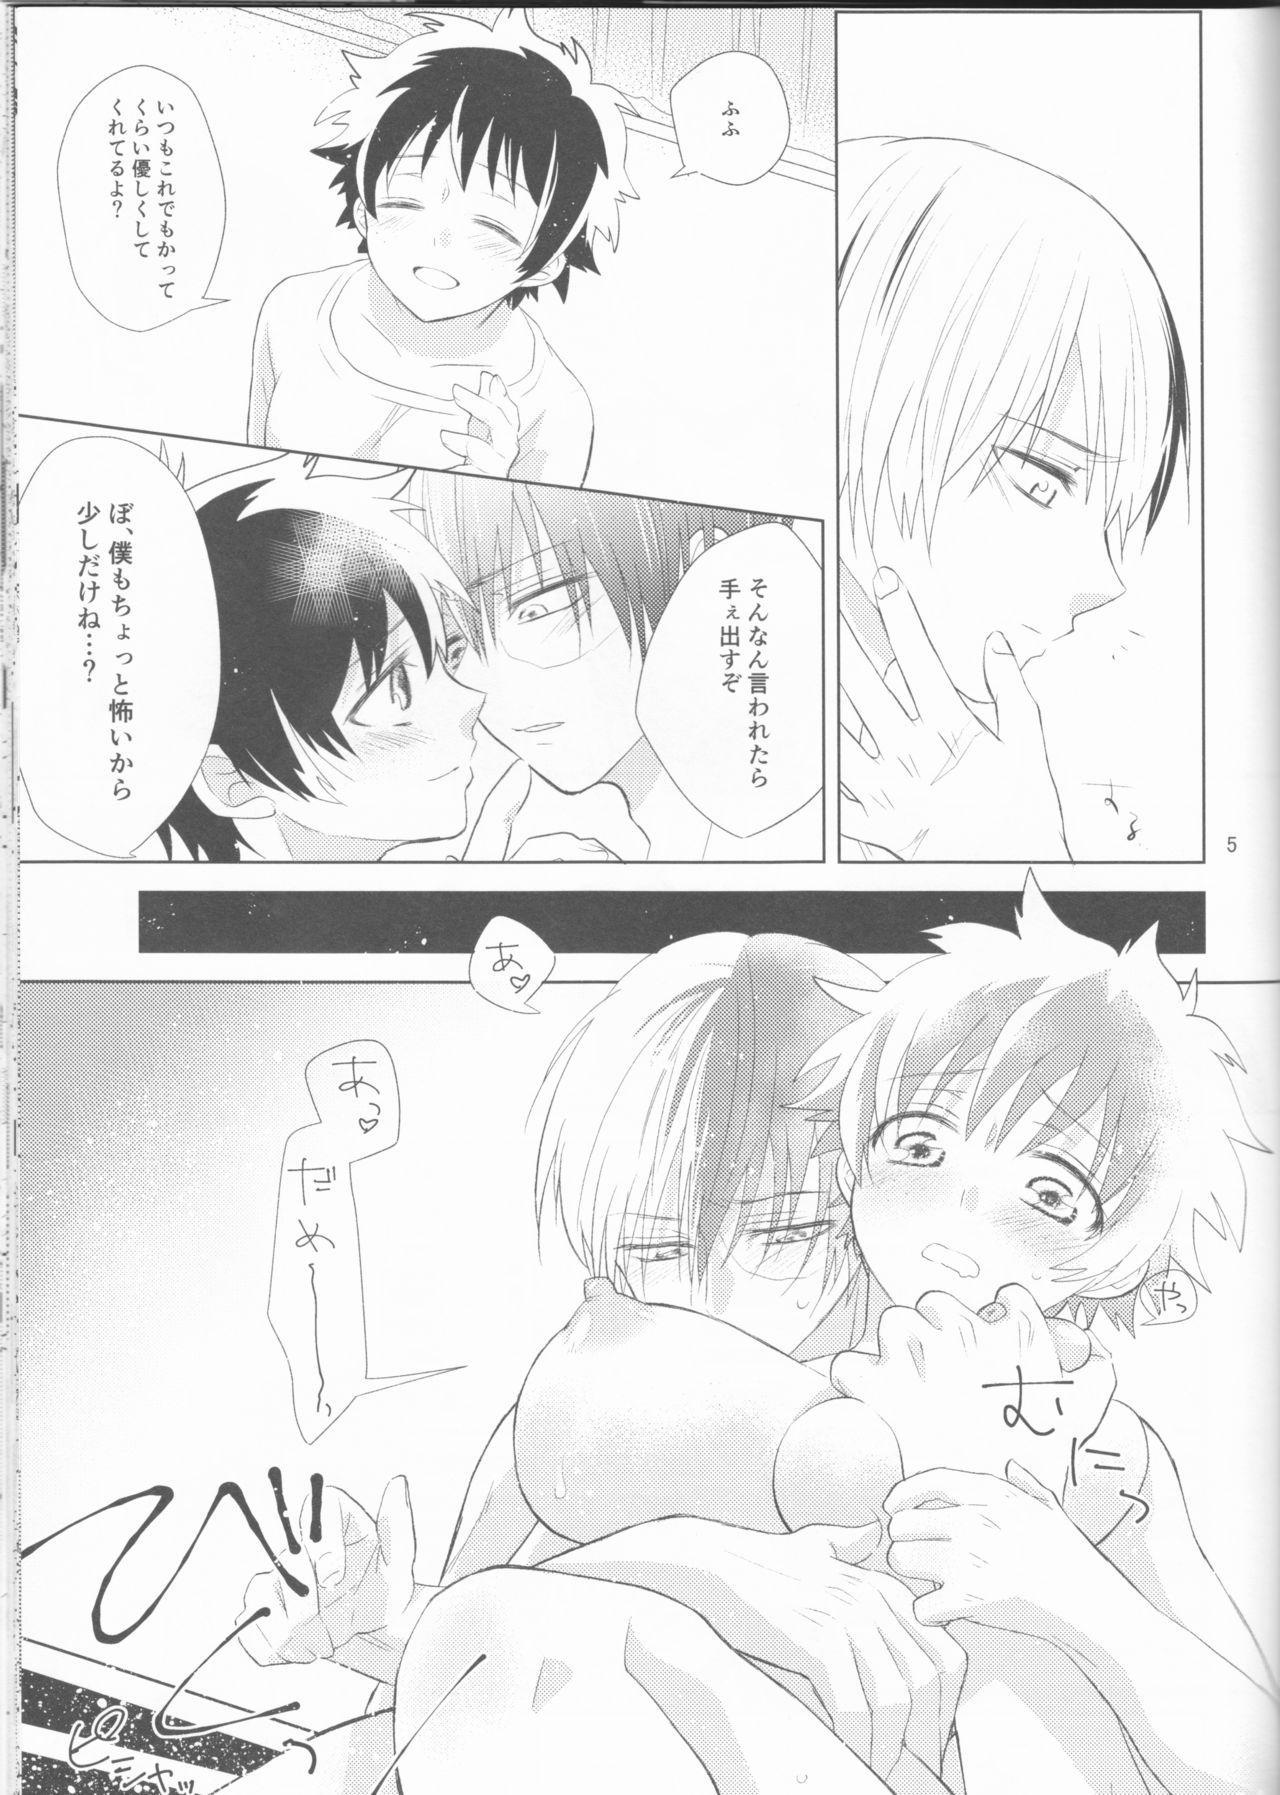 Sangatsu Usagi no Himegoto 5